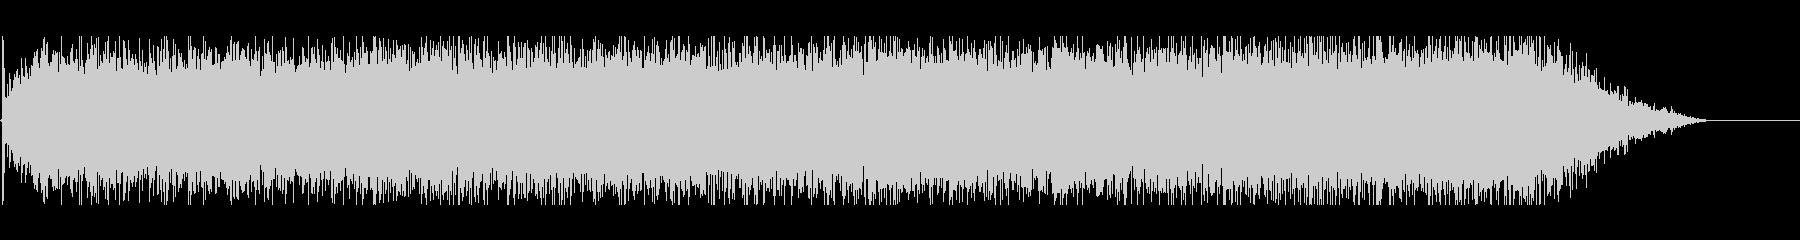 ウィーーン(電動ドライバーの音)の未再生の波形